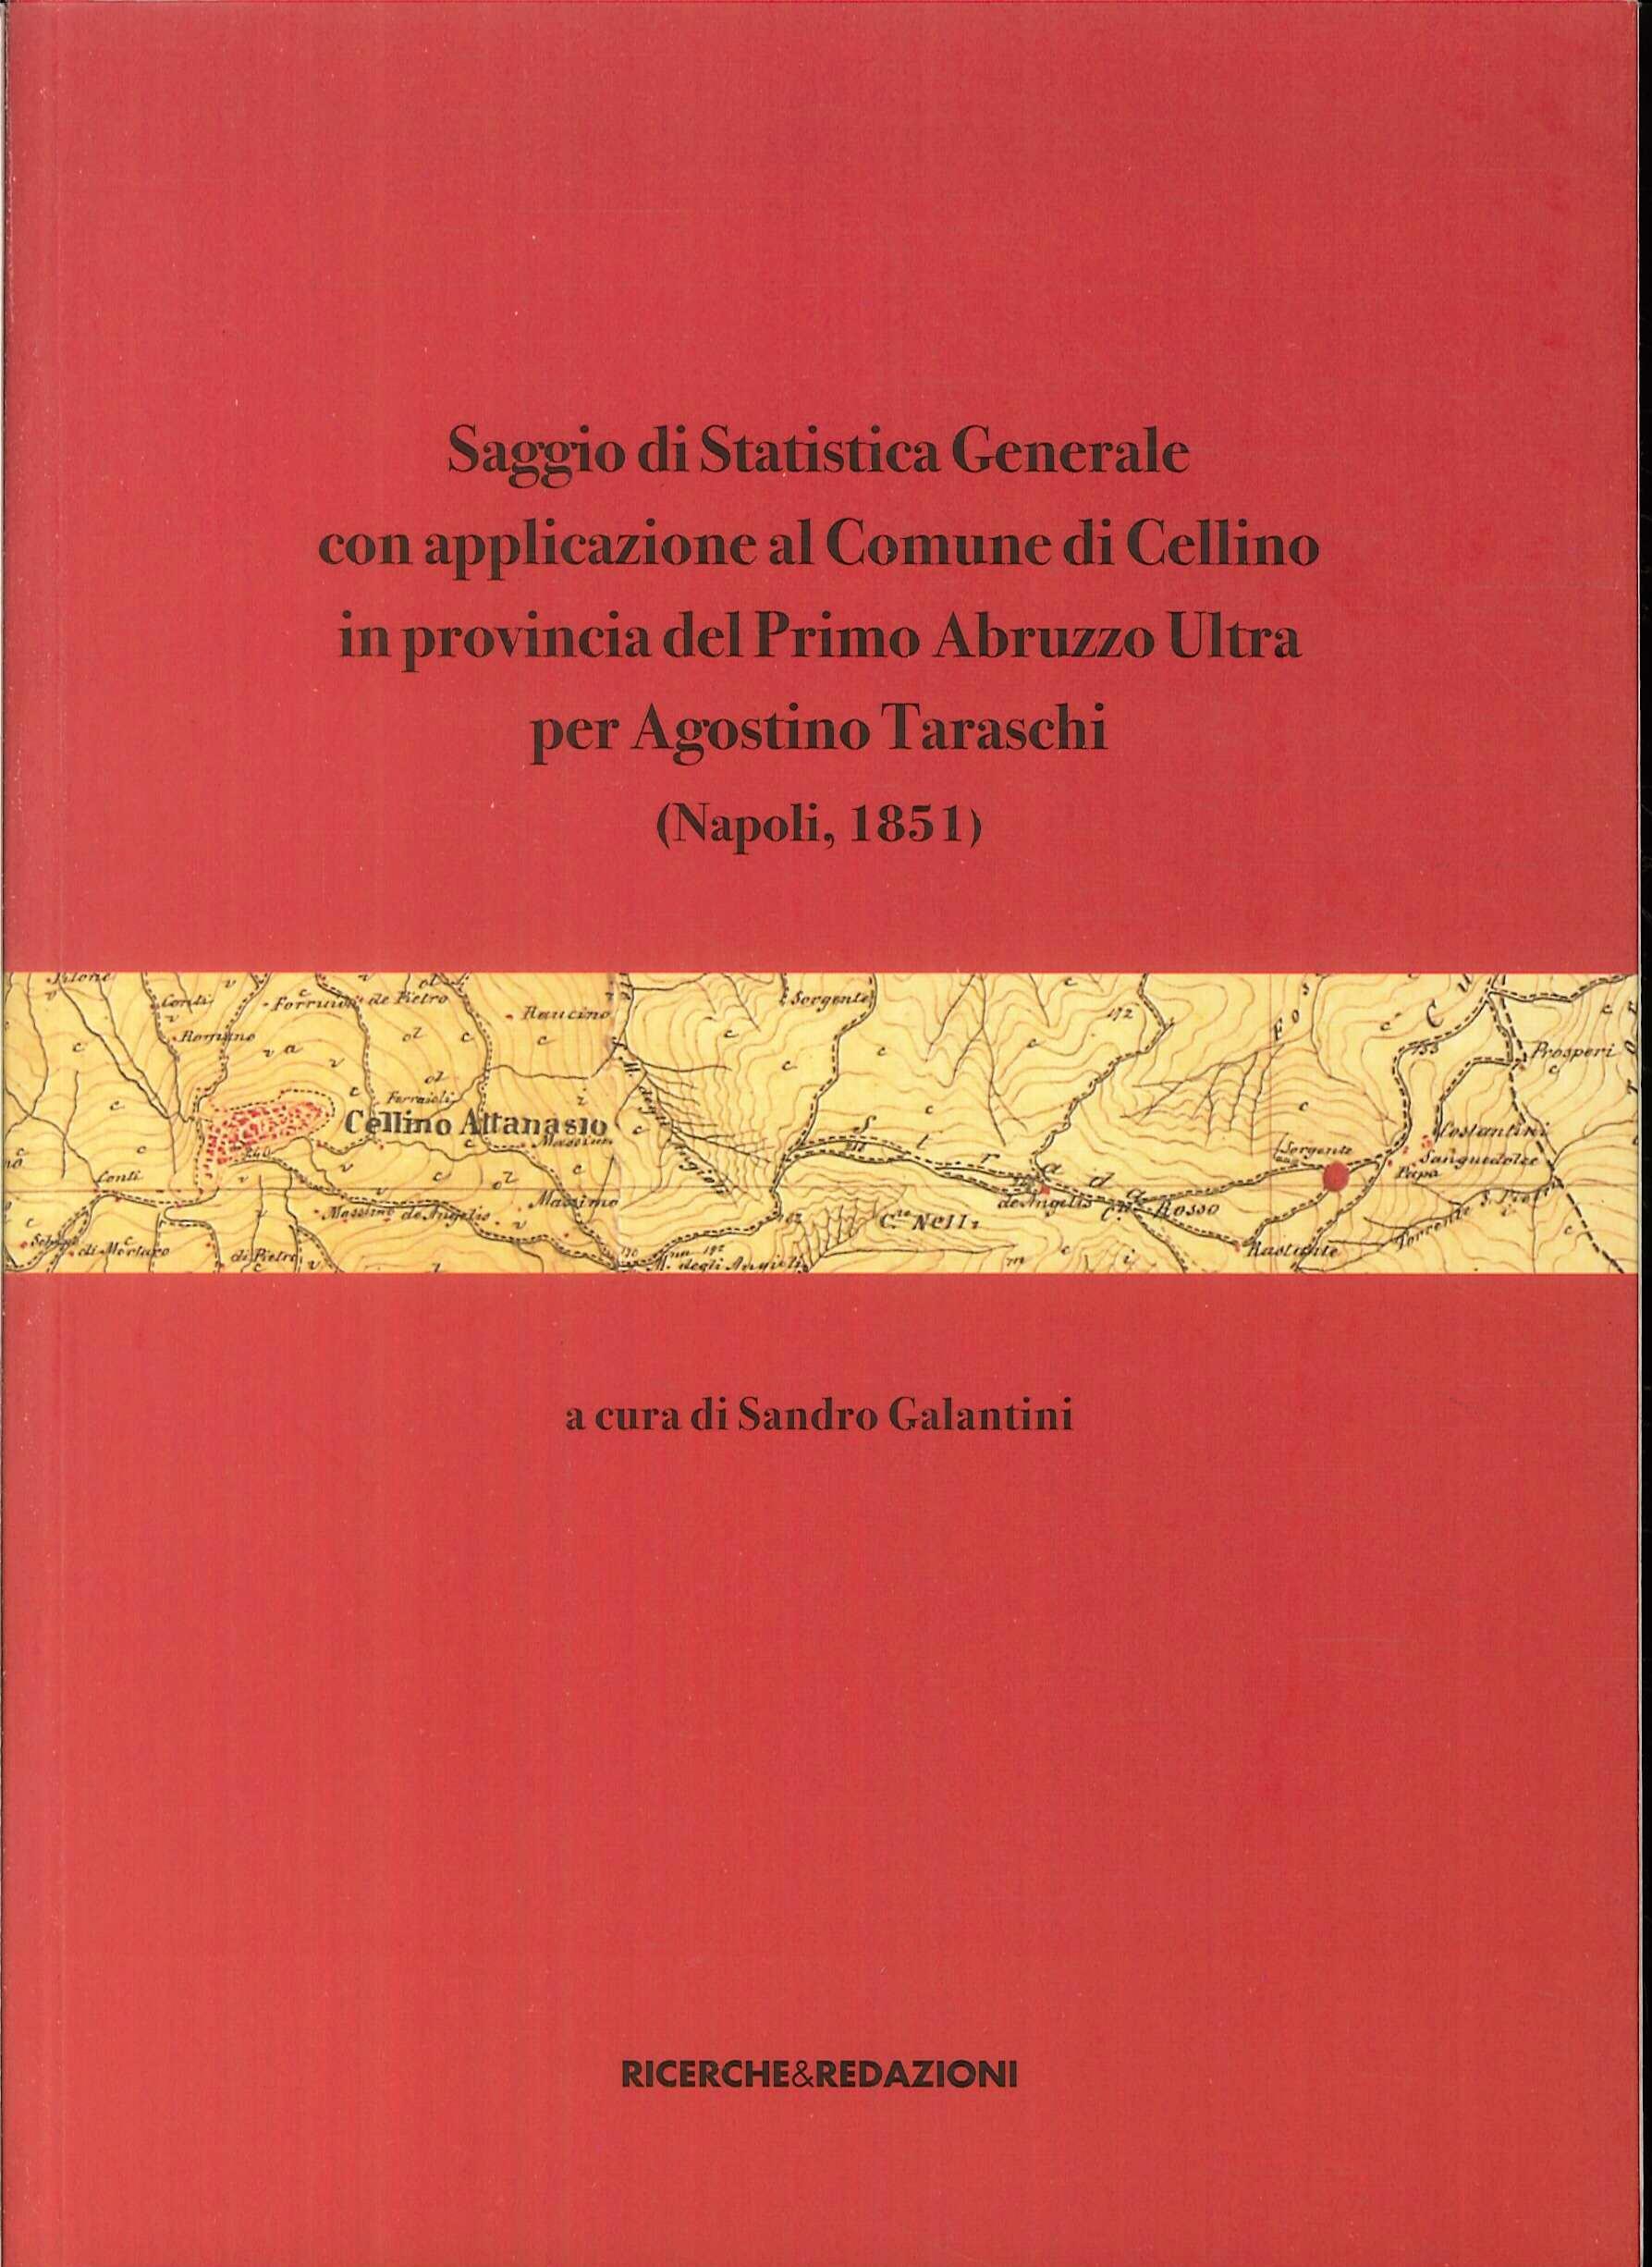 Saggio di statistica generale con applicazione al Comune di Cellino in provincia del Primo Abruzzo Ultra per Agostino Taraschi (Napoli, 1851)